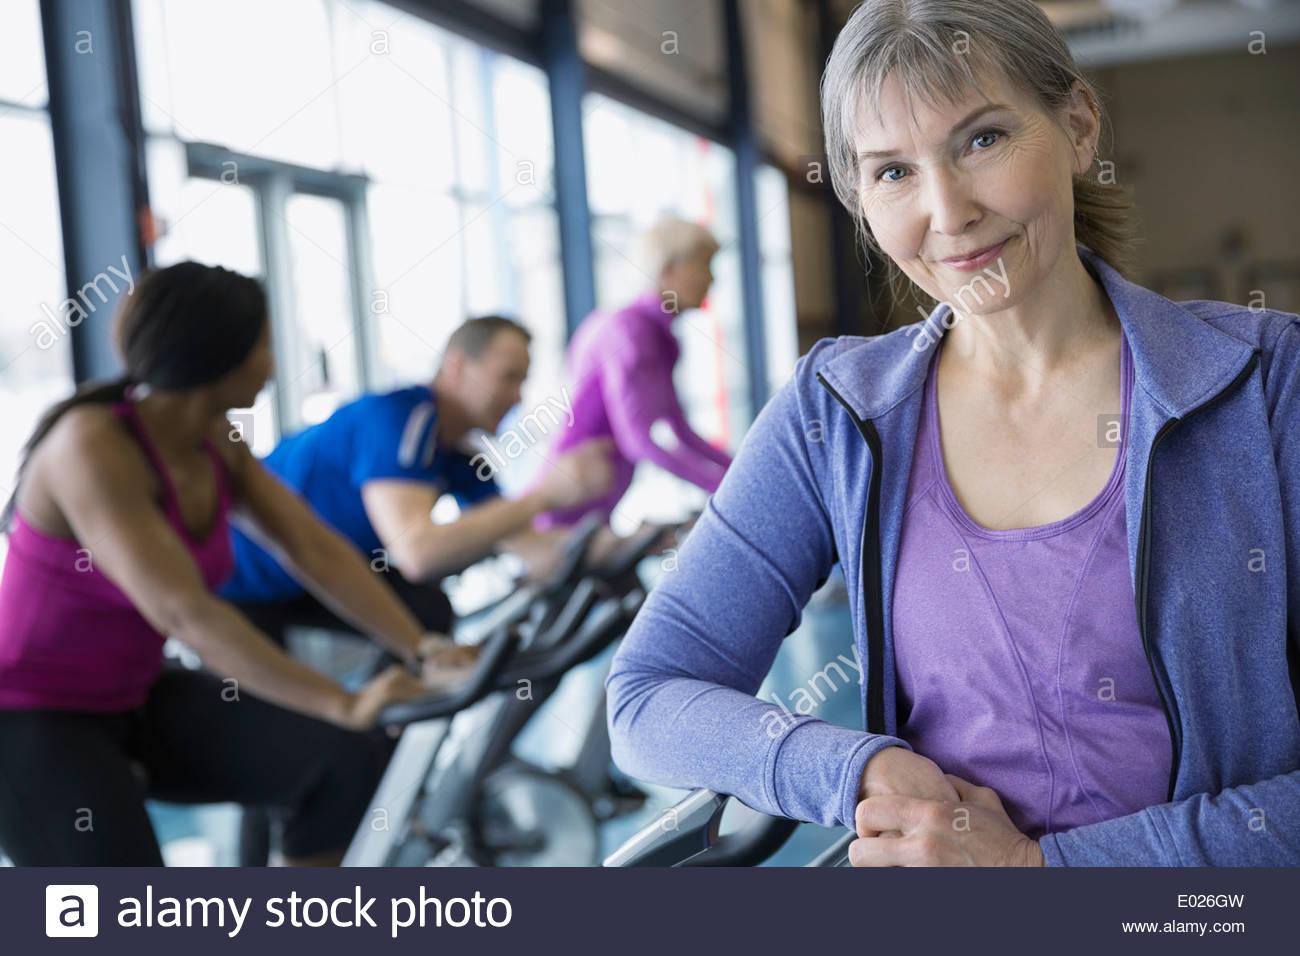 Porträt der lächelnde Frau stützte sich auf Heimtrainer Stockbild